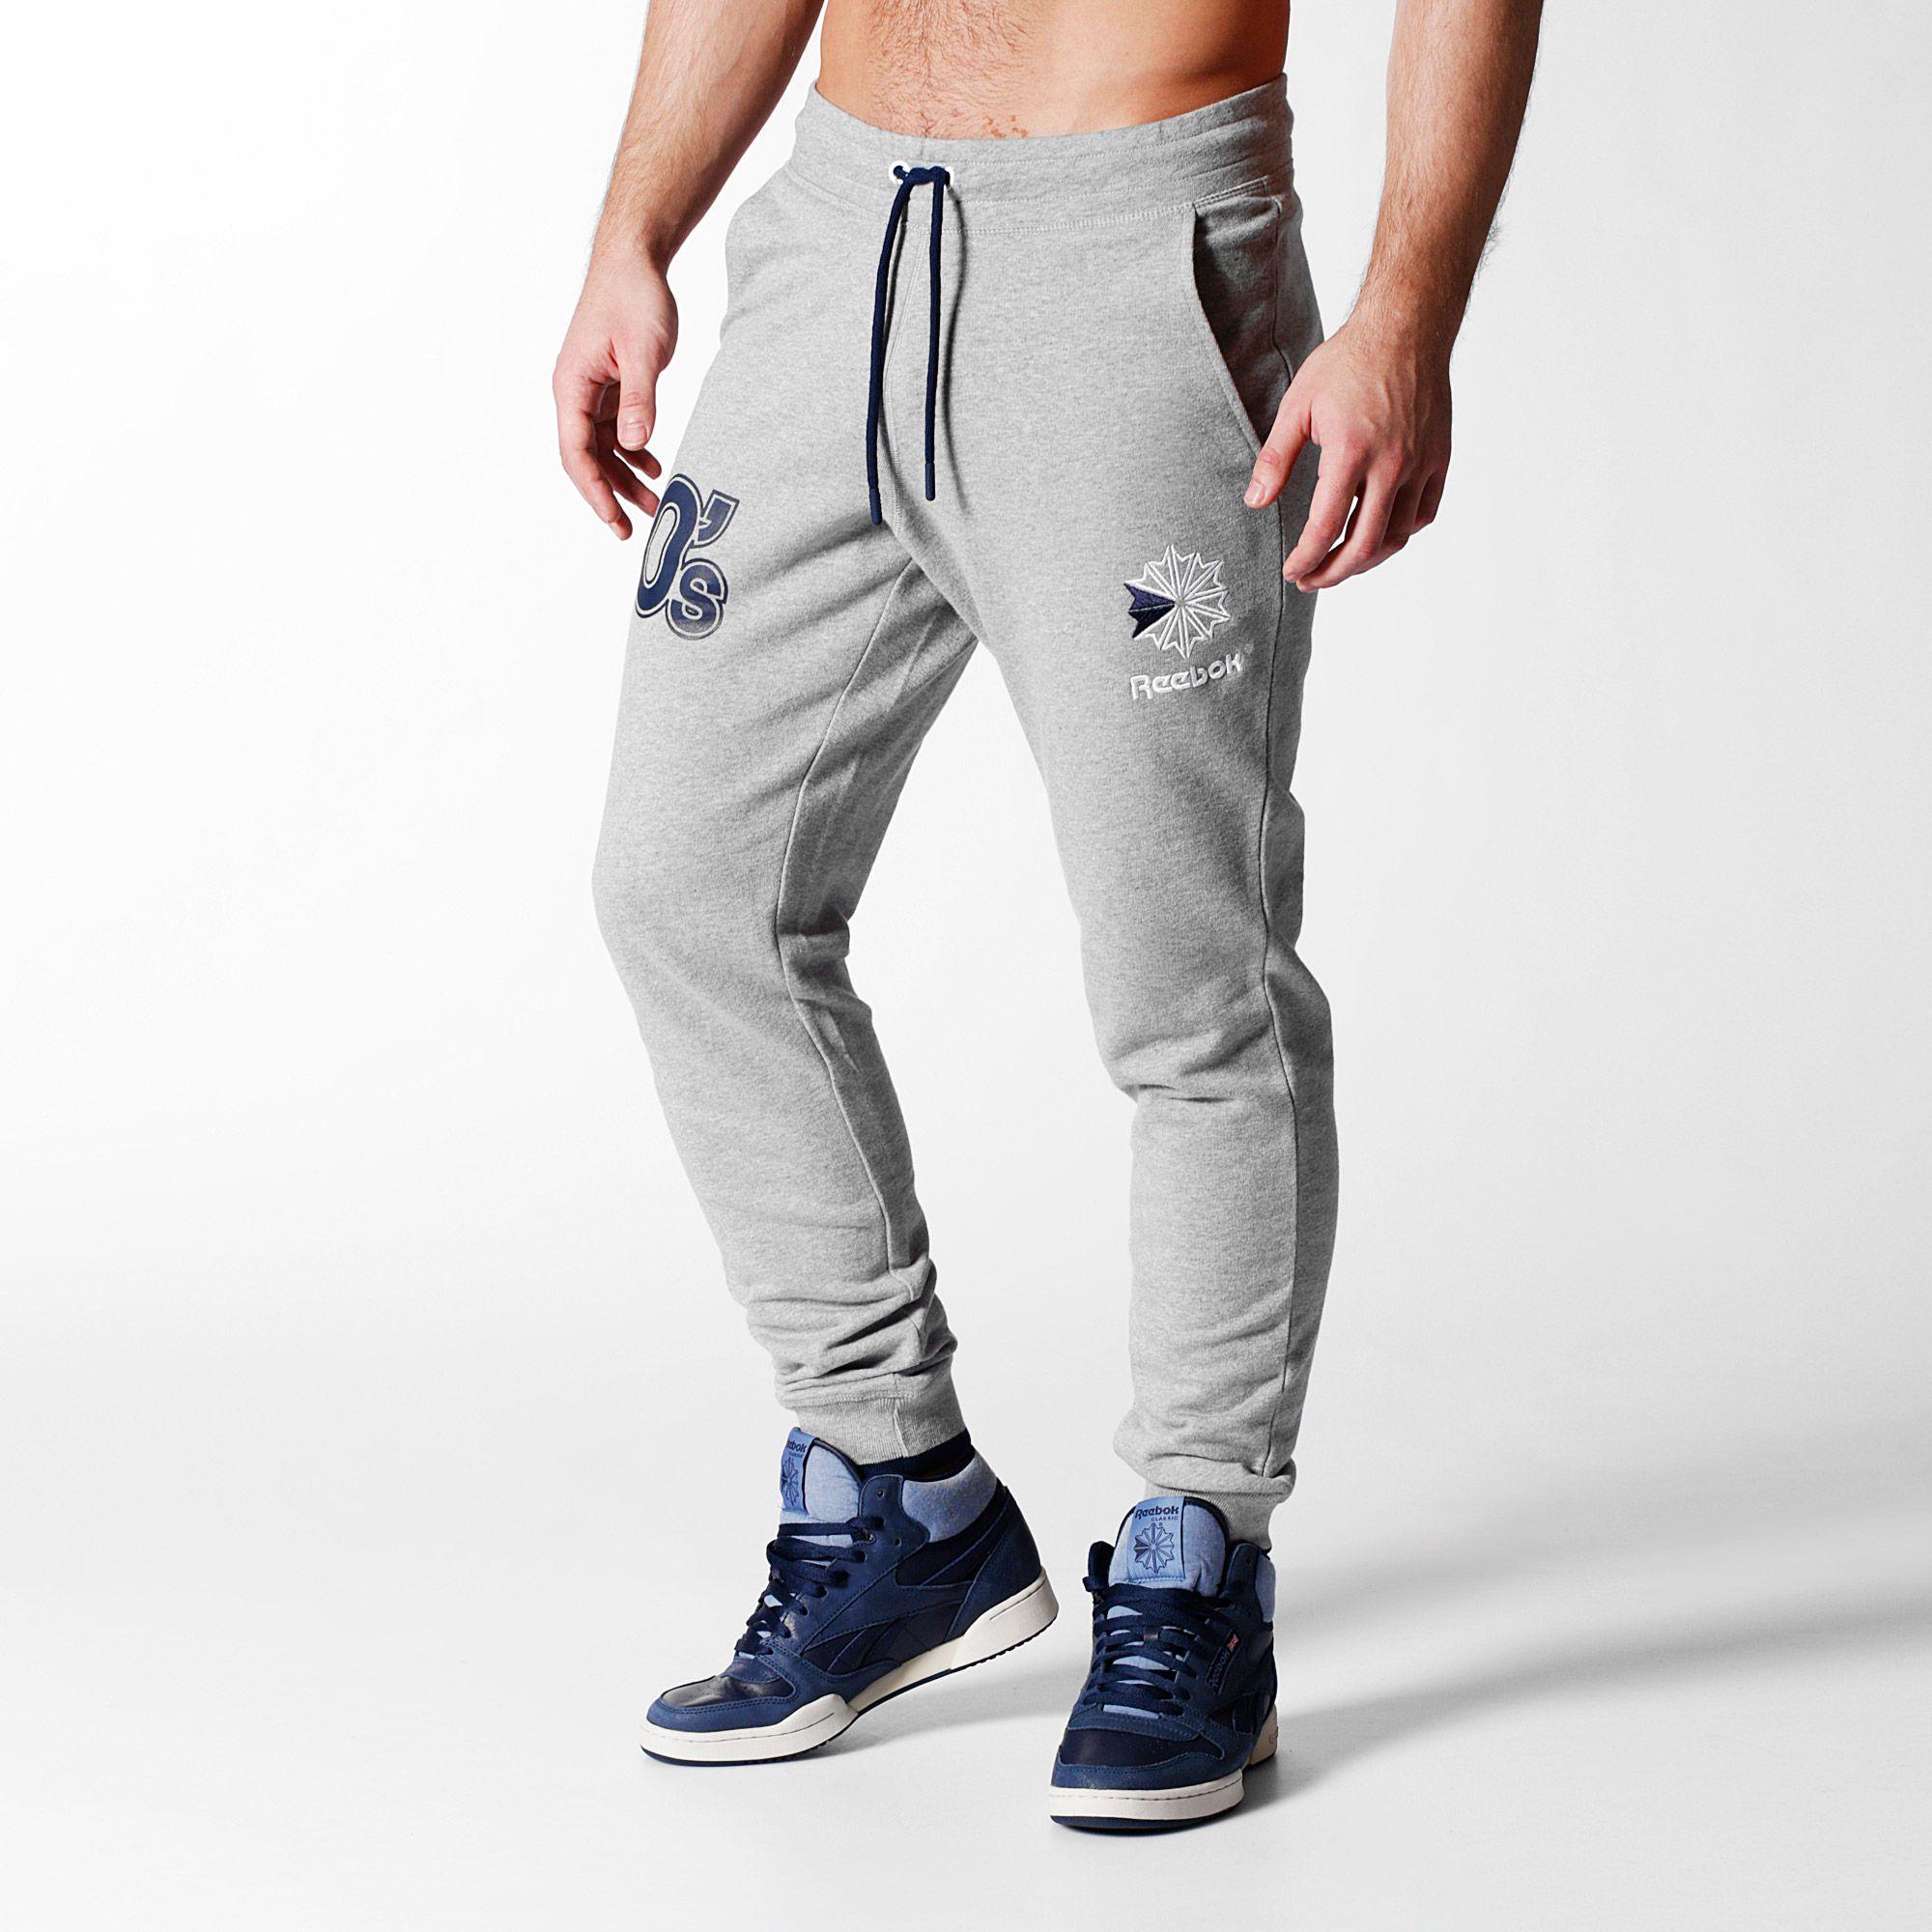 Antemano religión Lima  pantalones reebok gris Hombre Mujer niños - Envío gratis y entrega rápida,  ¡Ahorros garantizados y stock permanente!